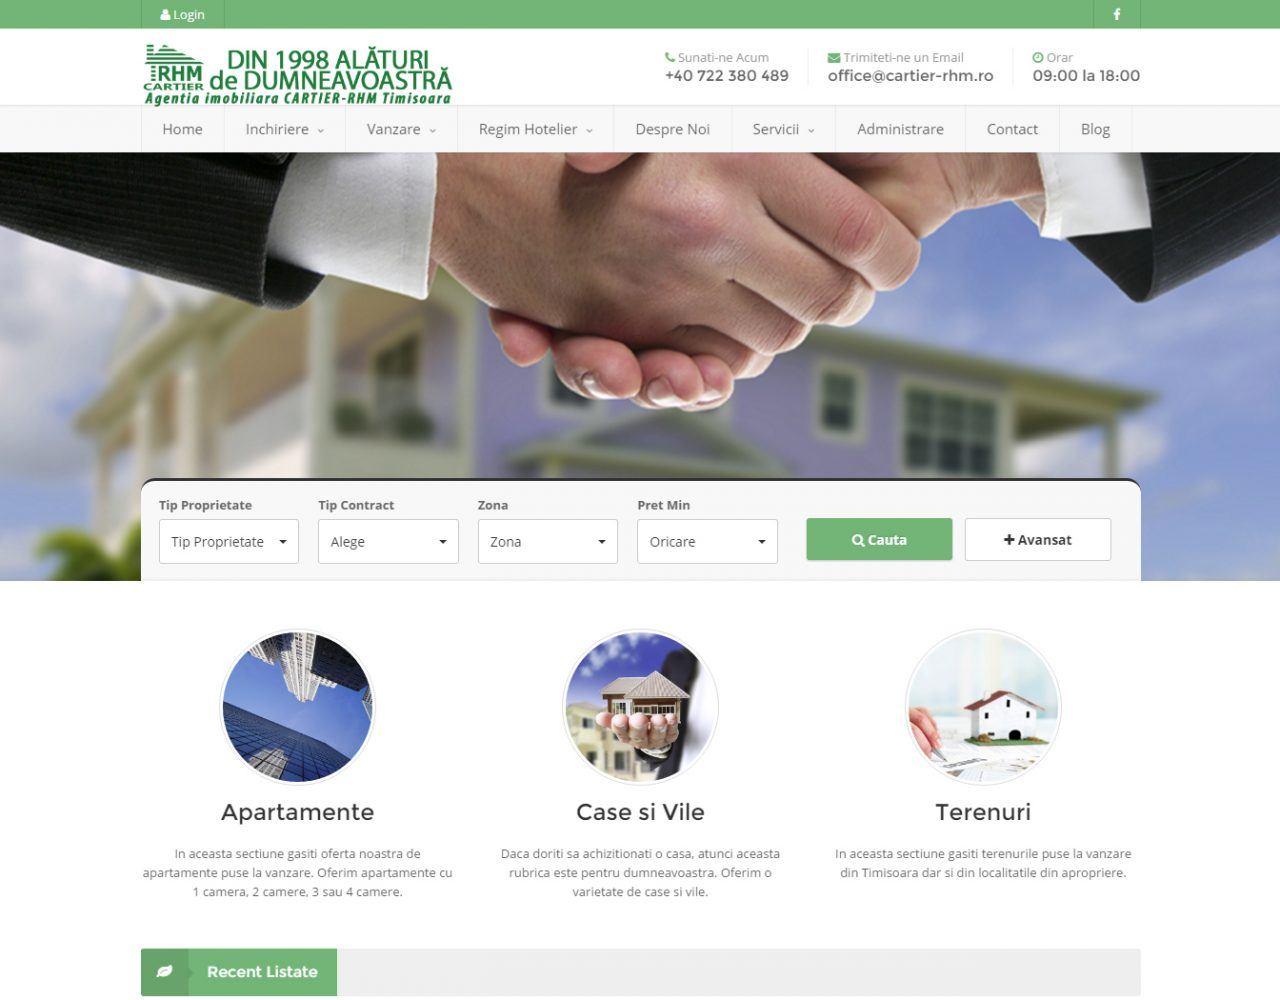 optimizare seo agentie web design timisoara cartier rhm